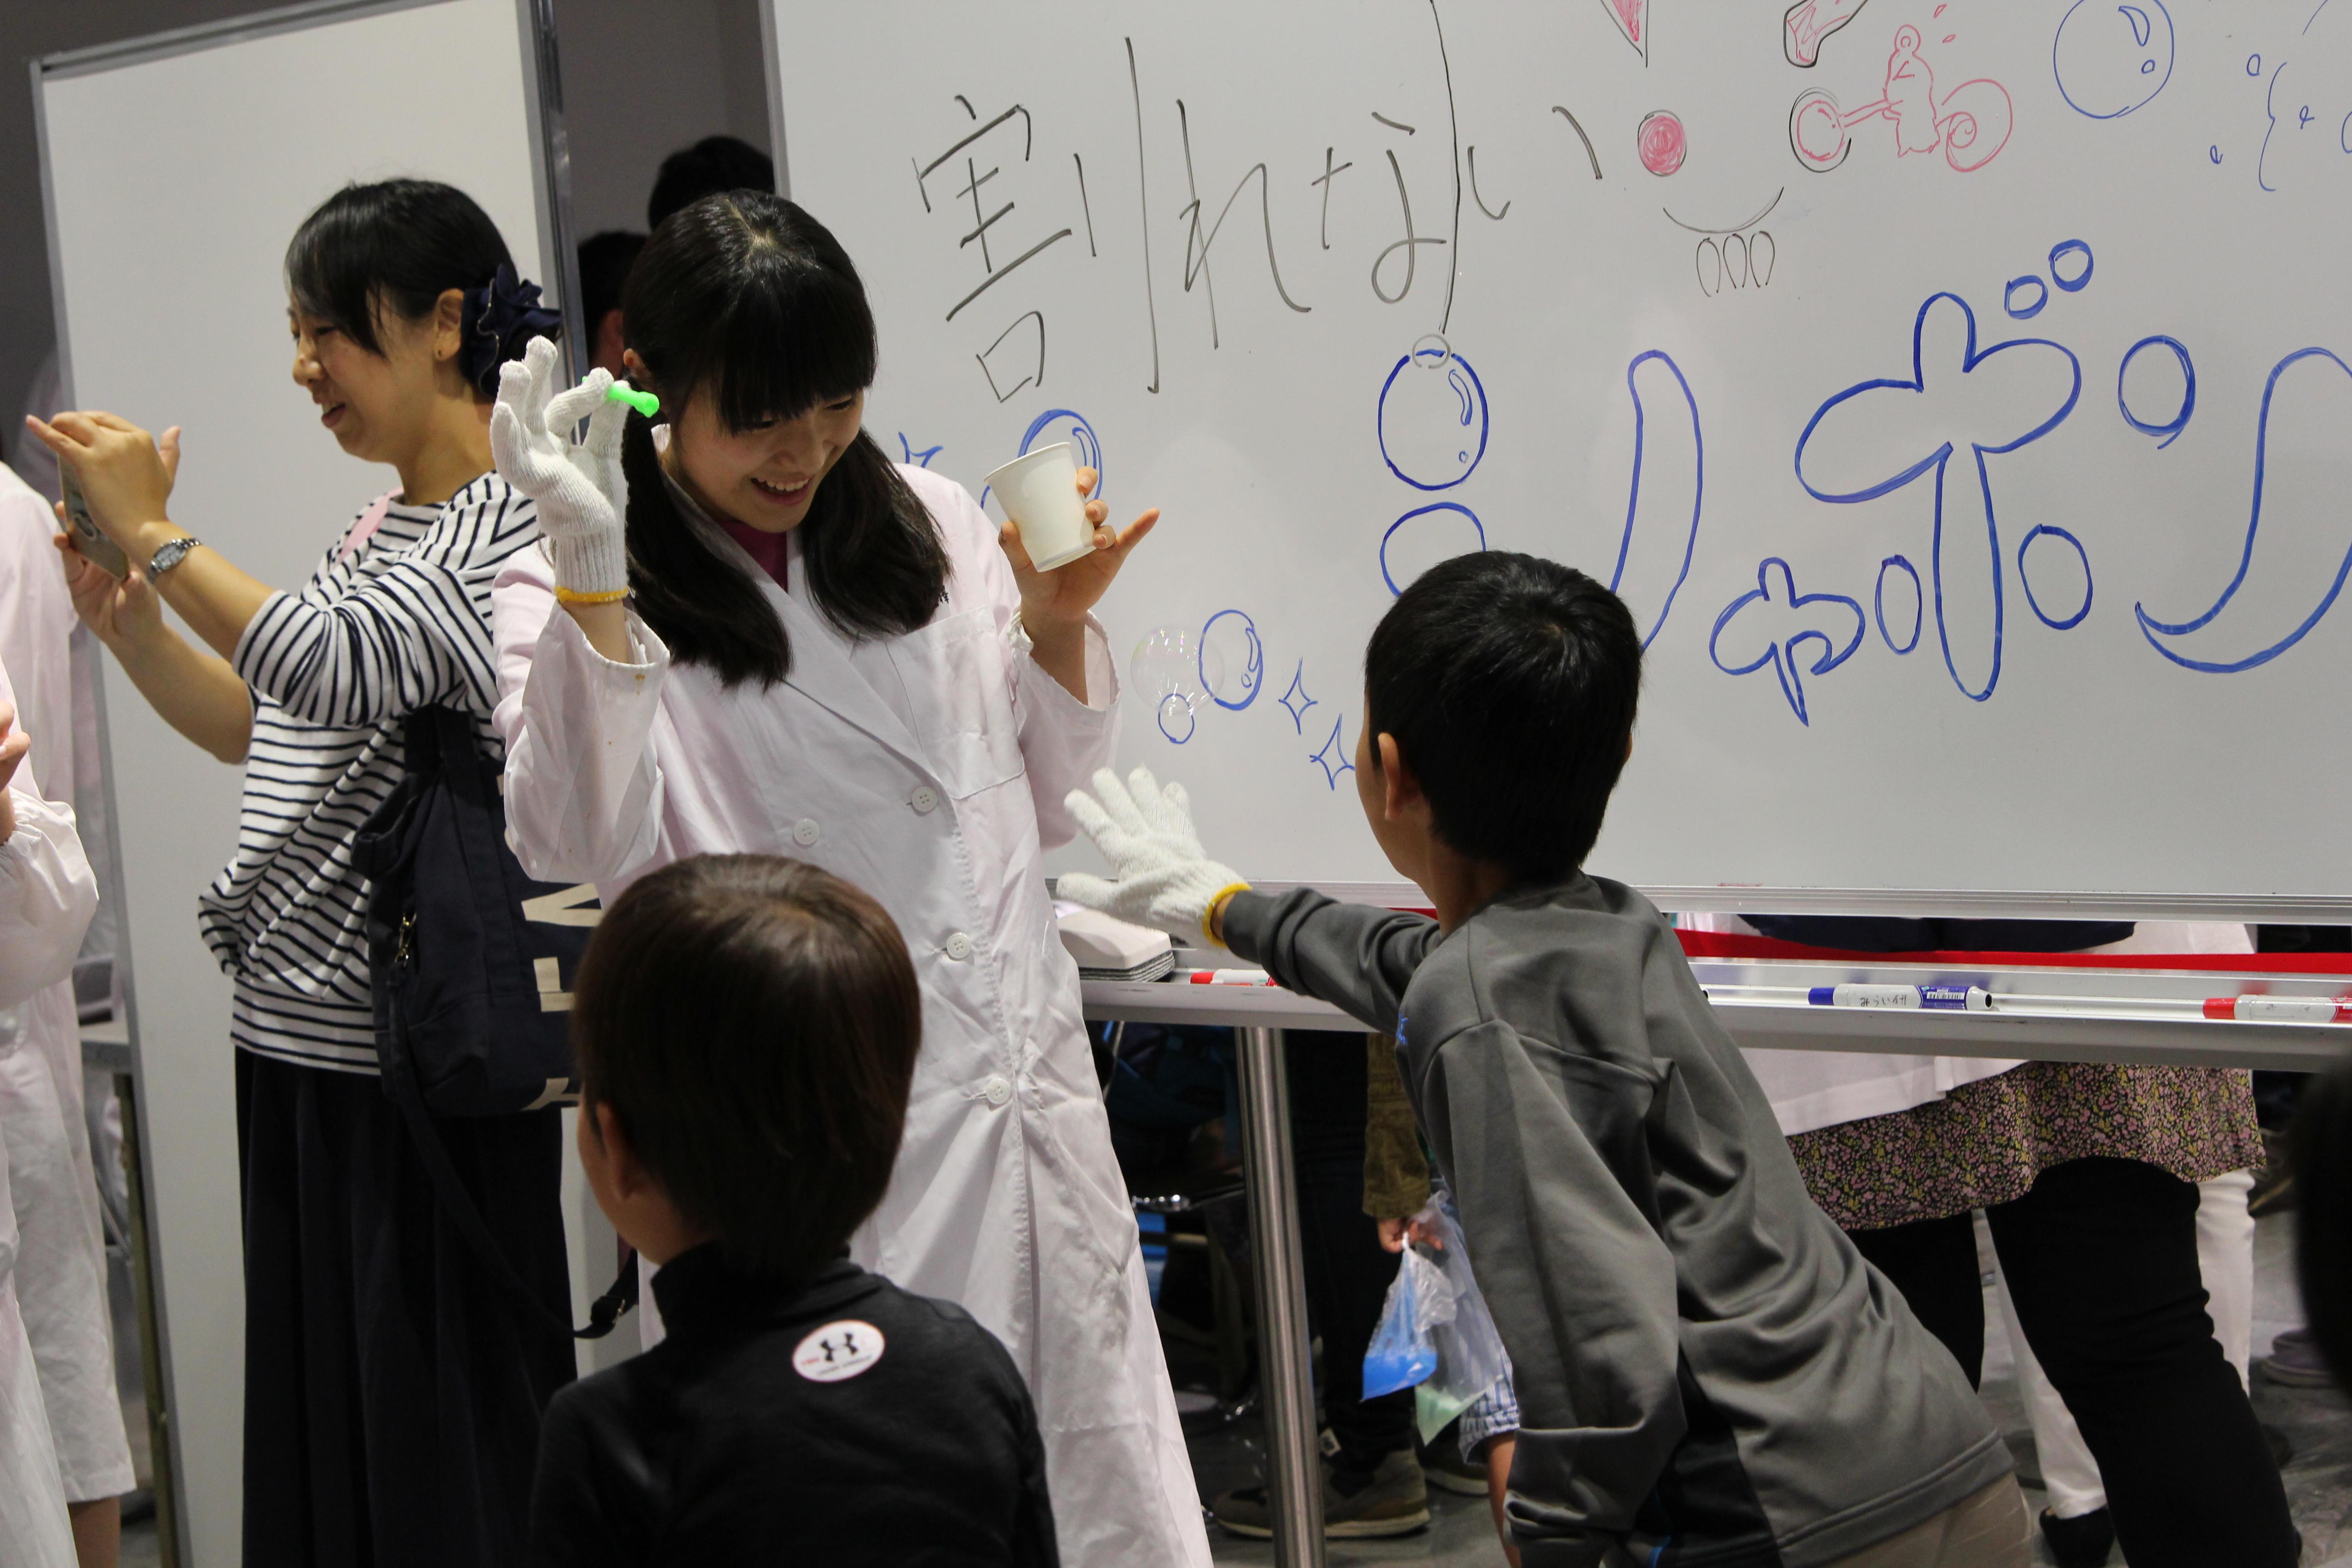 葛飾キャンパスにて開催 「みらい研究室~科学へのトビラ~」のご案内 ~理科大生による科学体験イベント~東京理科大学